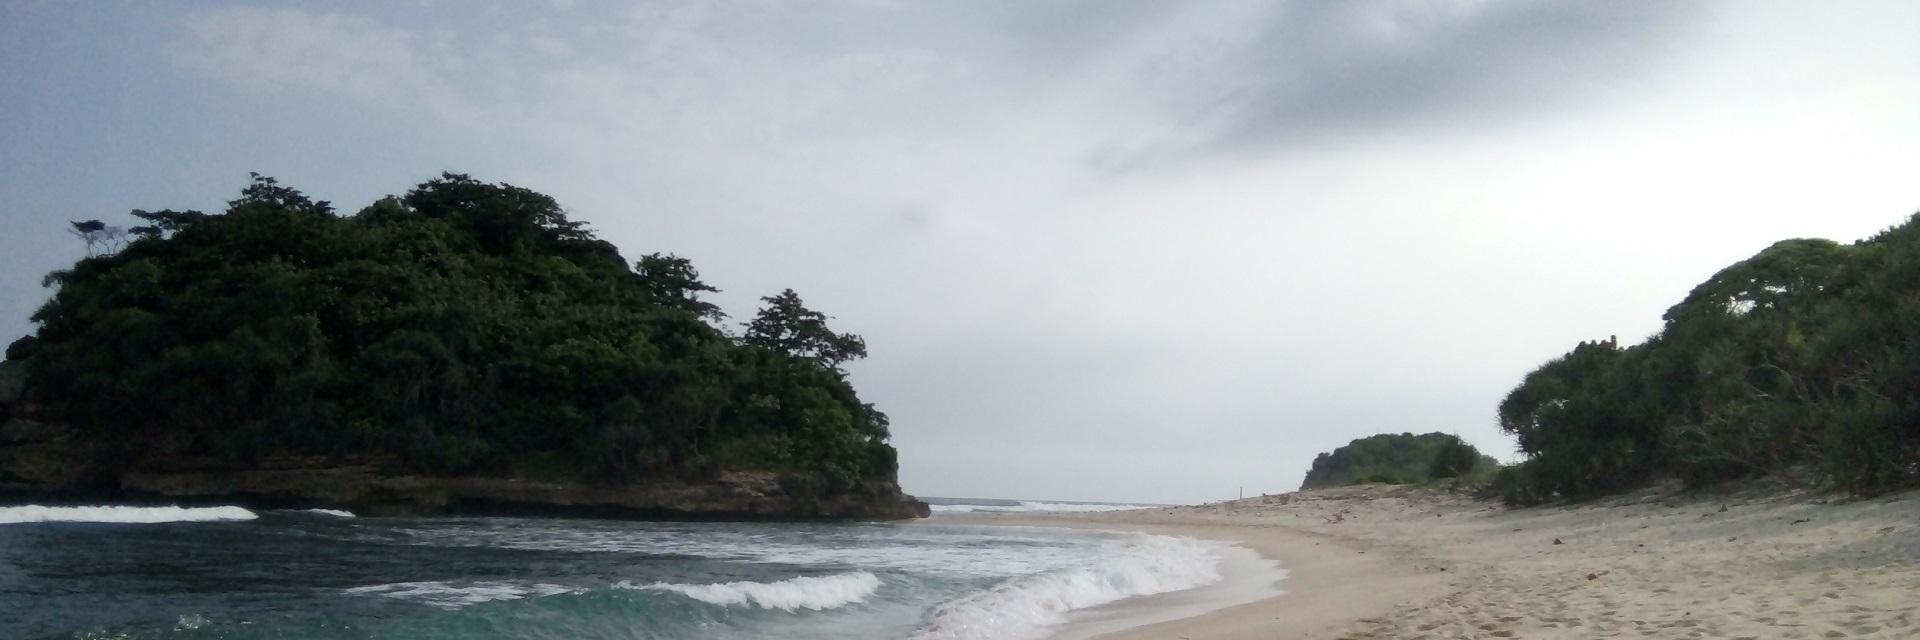 Pantai Pulodoro, Malang, Kabupaten Malang, Dolan Dolen, Dolaners Pantai Pulodoro - Dolan Dolen